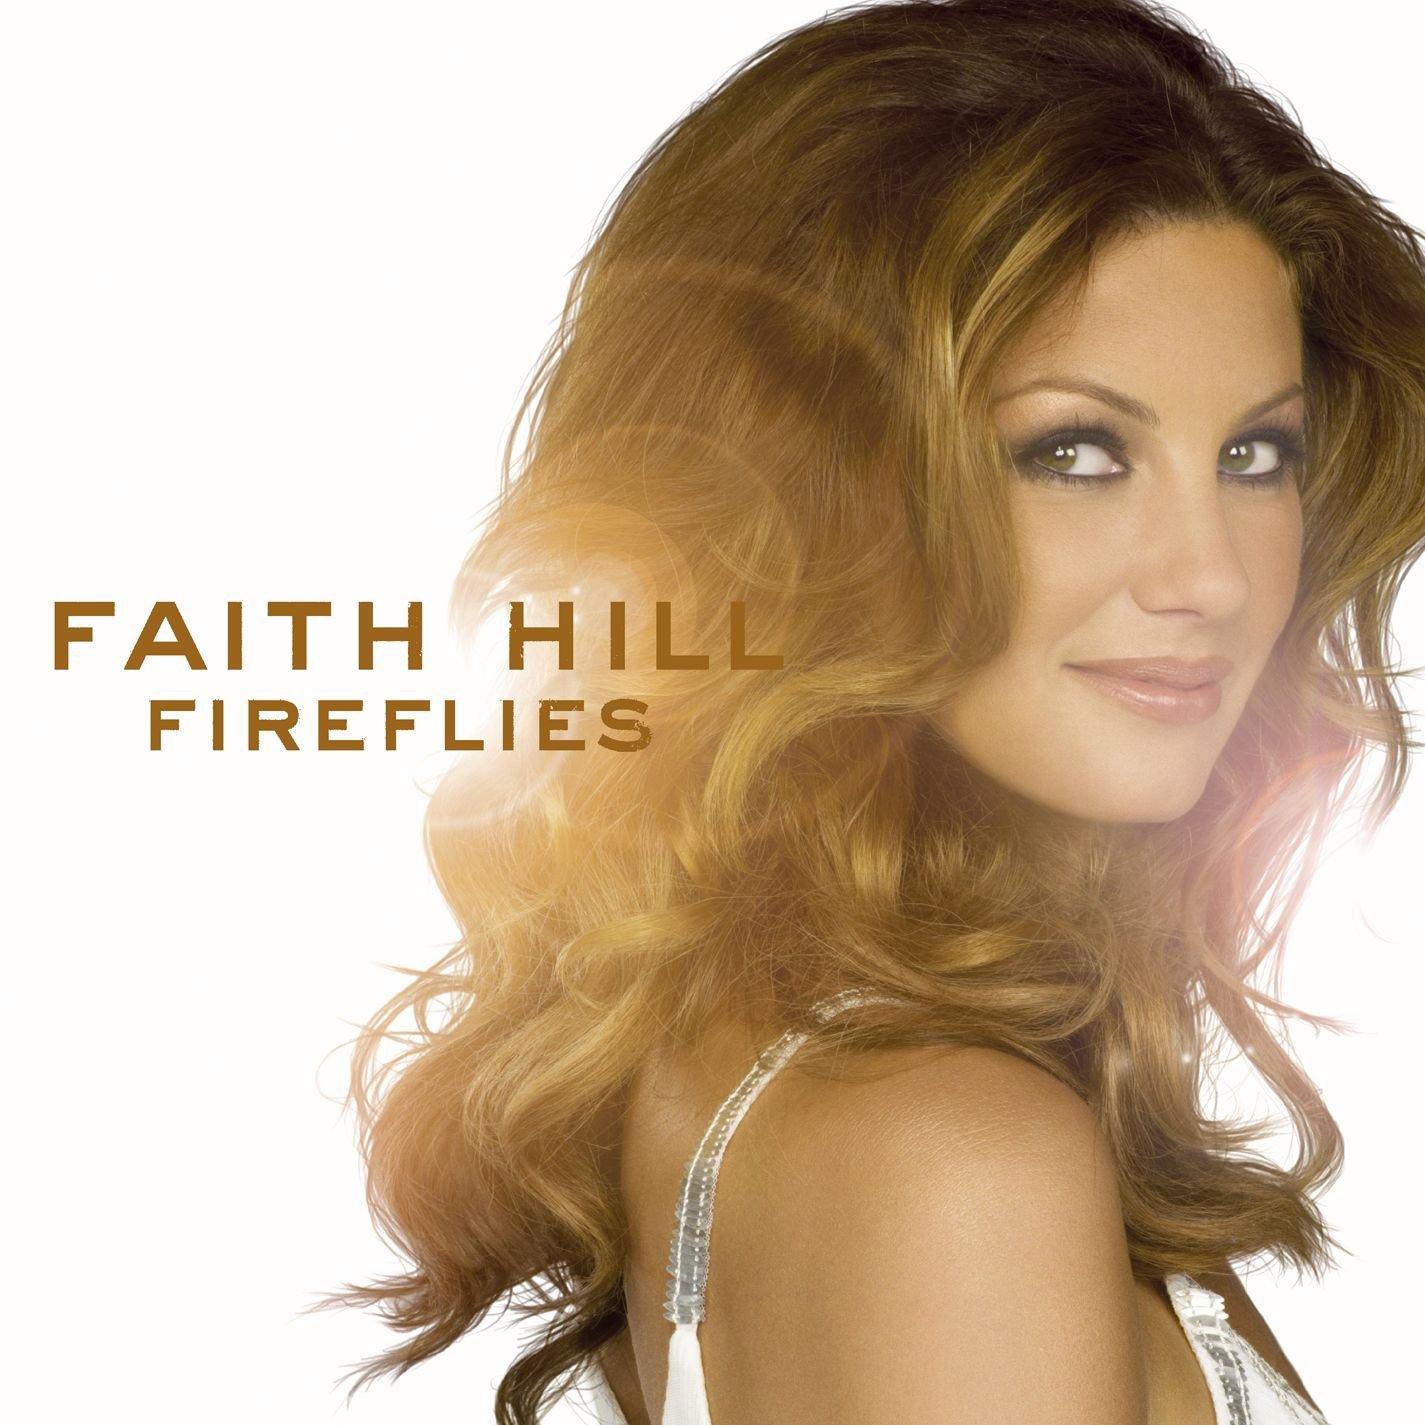 Faith Hill - Fireflies - Amazon.com Music